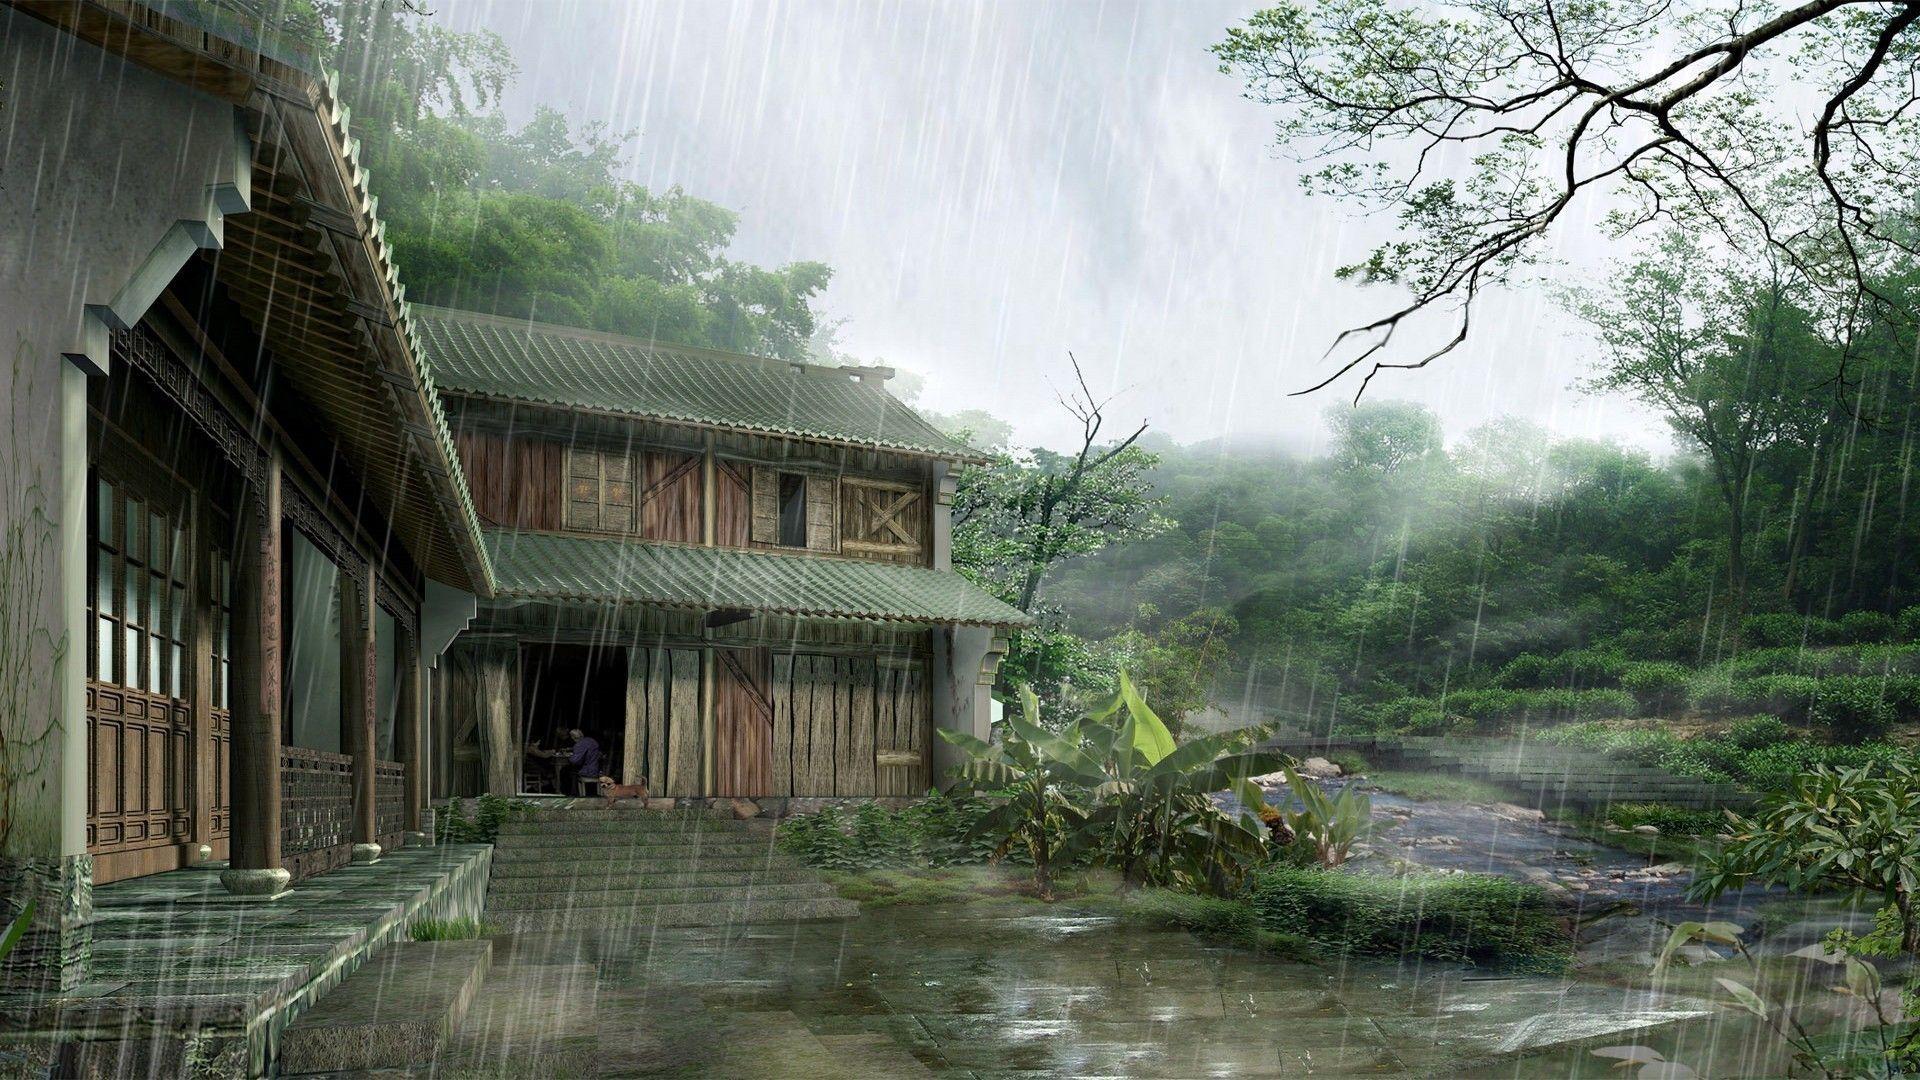 Download Wallpaper Pemandangan Alam Yang Indah Download Wallpaper Di 2020 Pemandangan Gambar Fotografi Alam